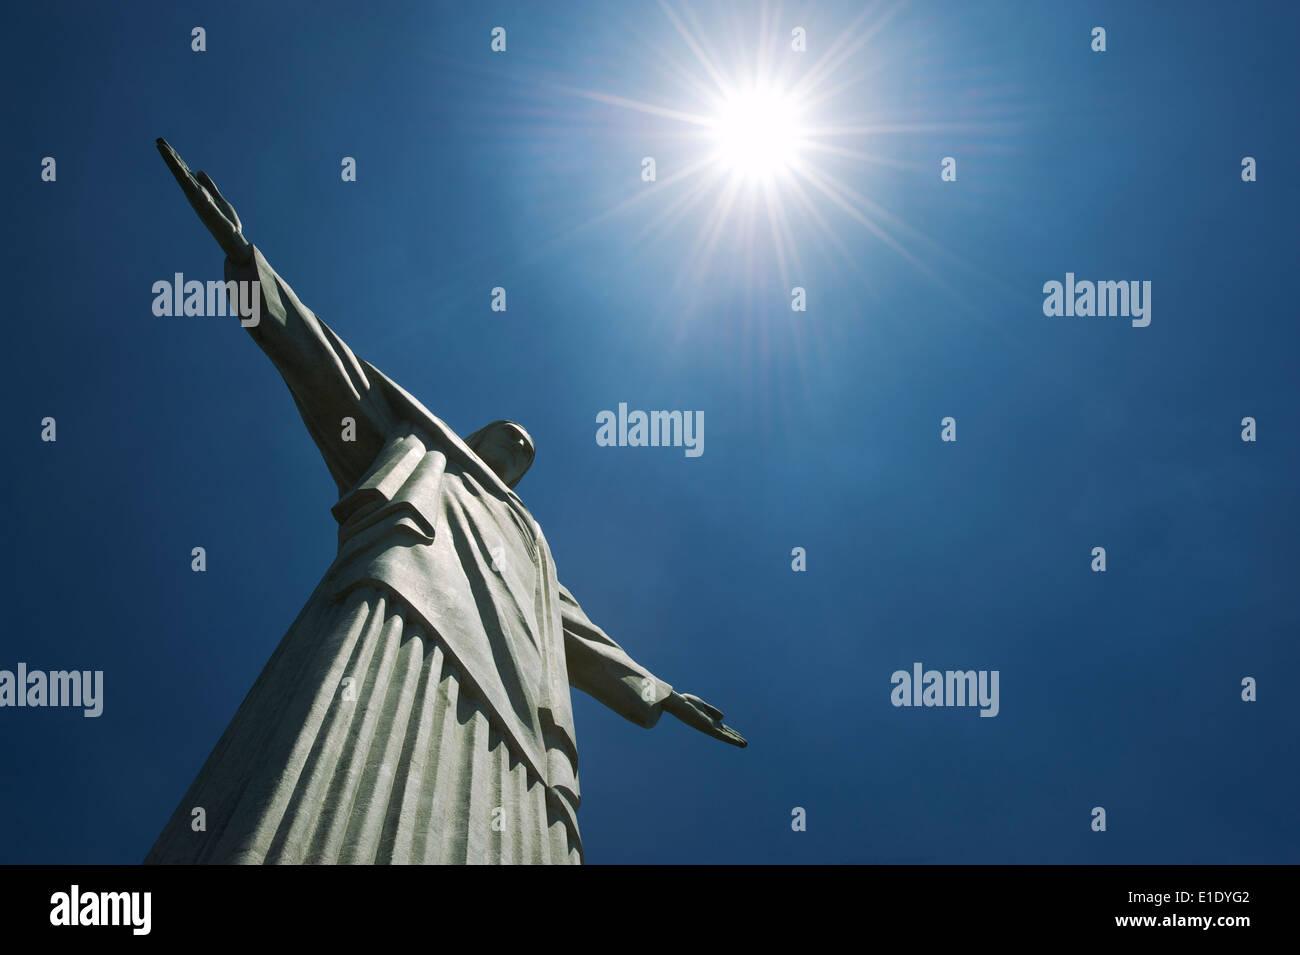 RIO DE JANEIRO, Brésil - 20 octobre 2013: la statue du Christ rédempteur de Corcovado sous soleil. Photo Stock